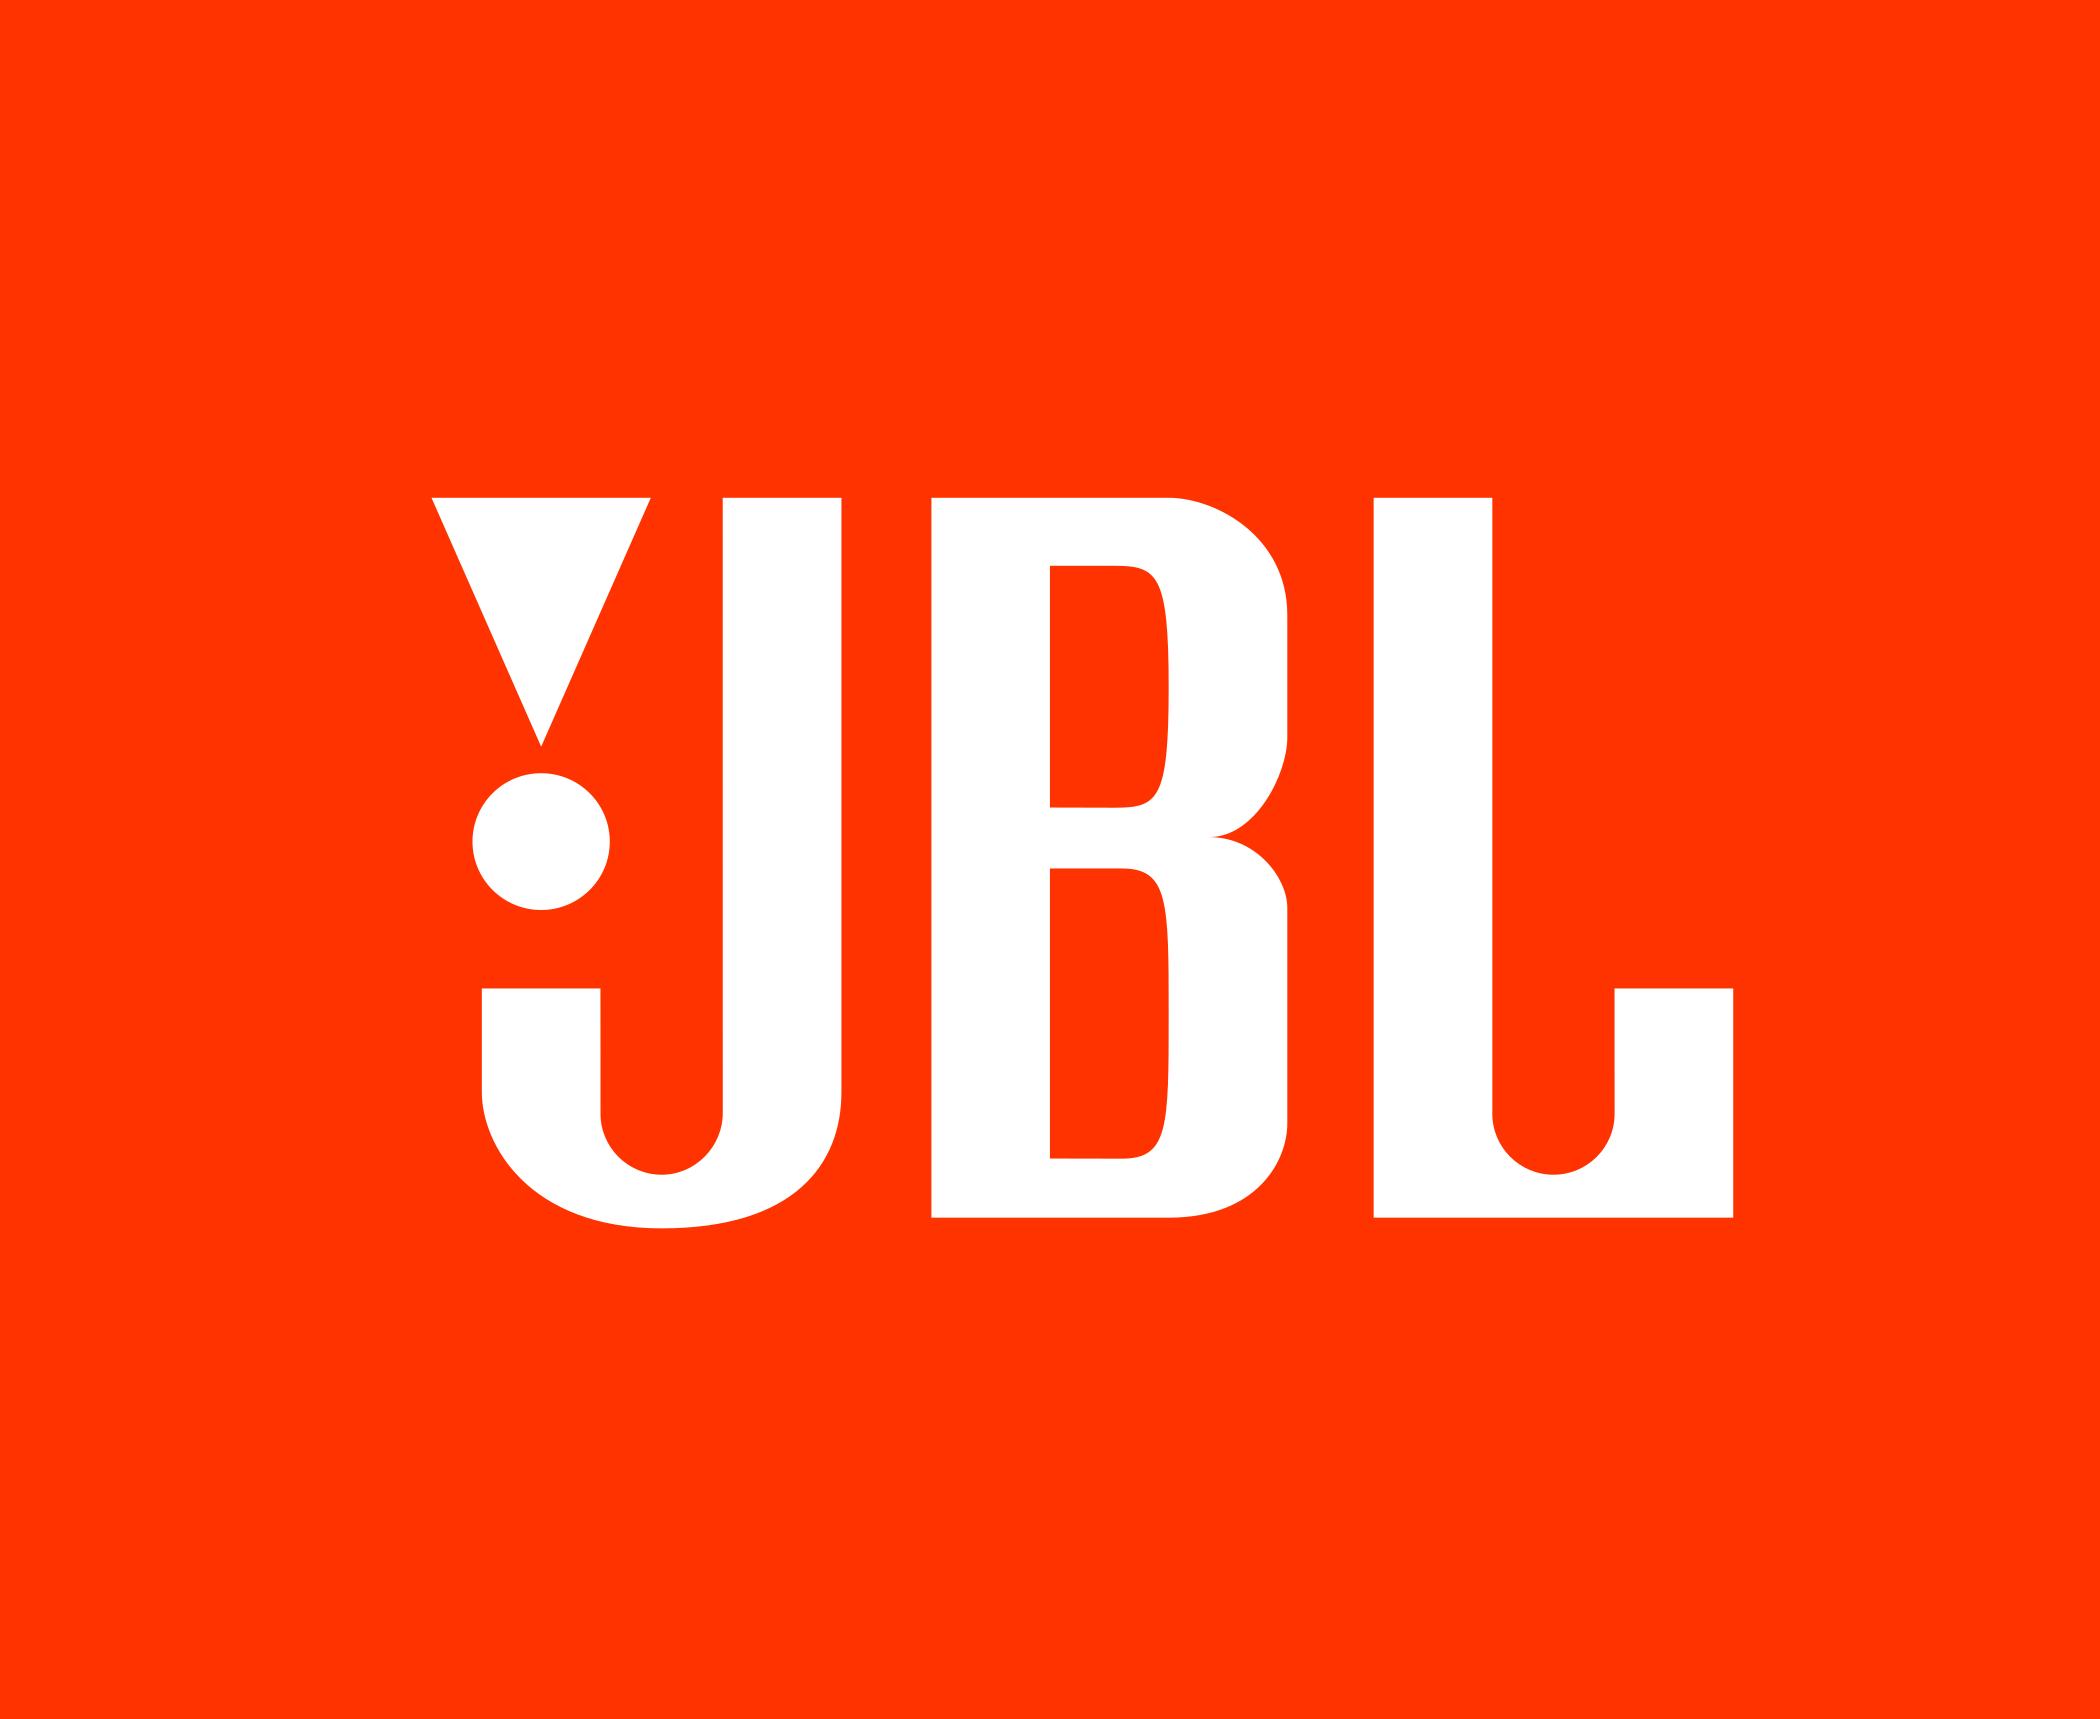 JBL Kopfhörer Marke Harman James Bullough Lansing